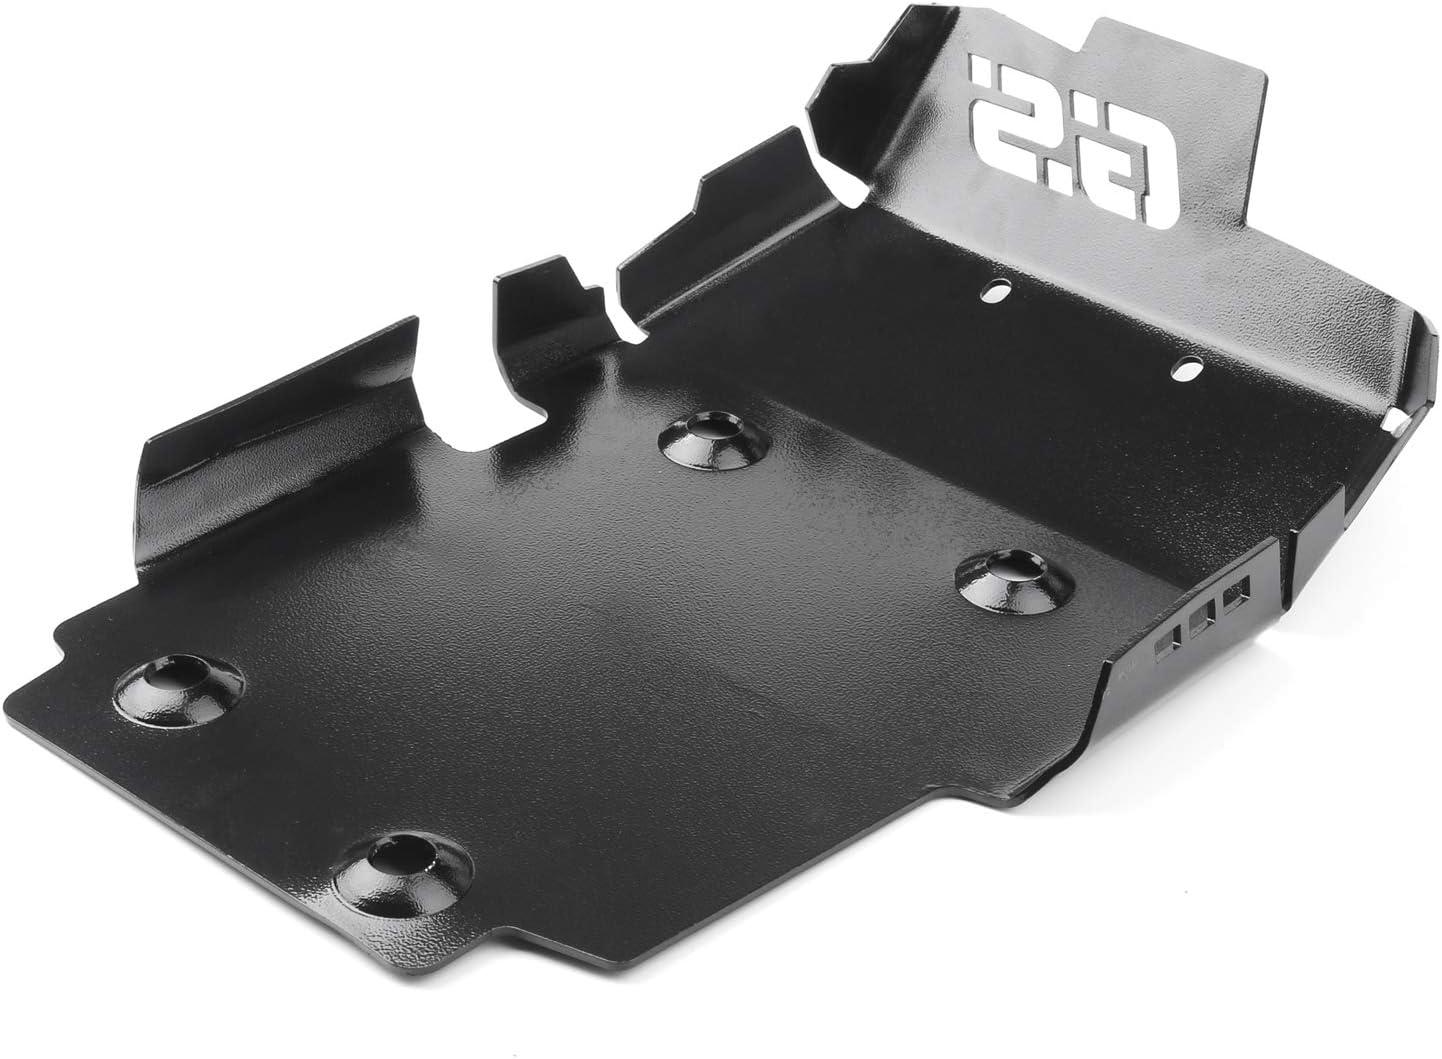 protezione per motore nero per B-M-W F800GS F650GS F700GS 2008-2017 Areyourshop